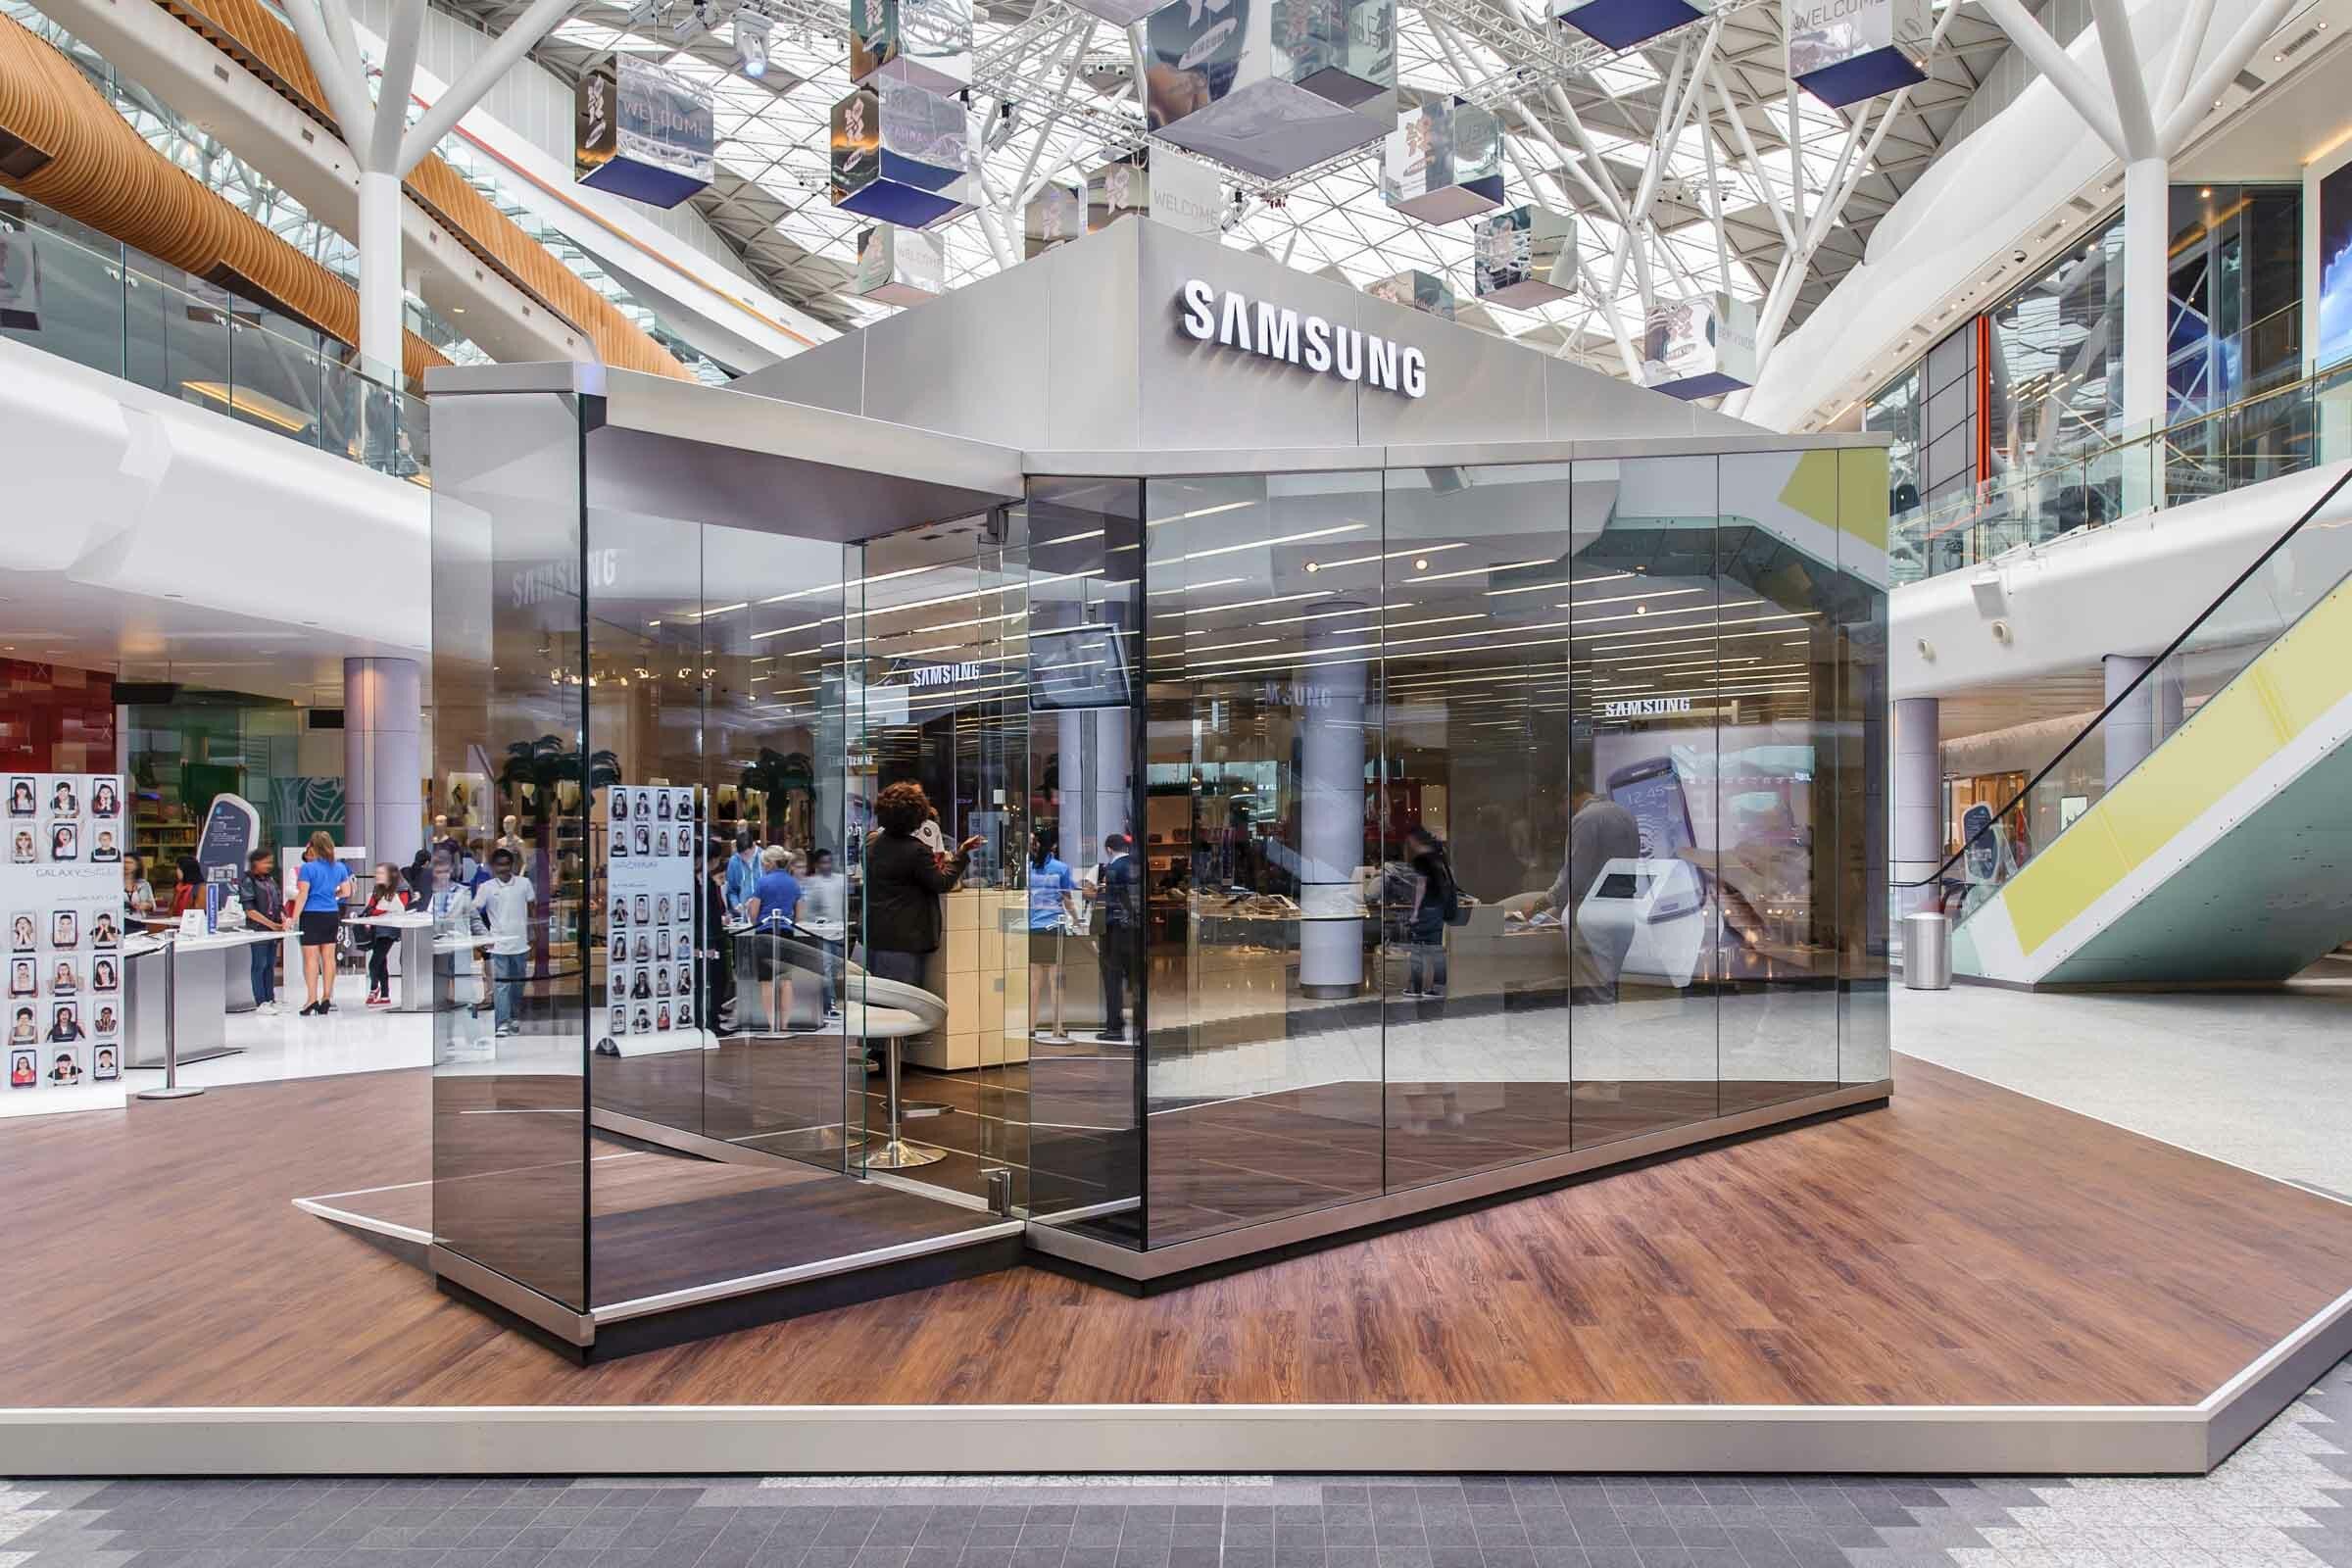 Temporäre Architektur für Samsung umgesetzt von Expomondo